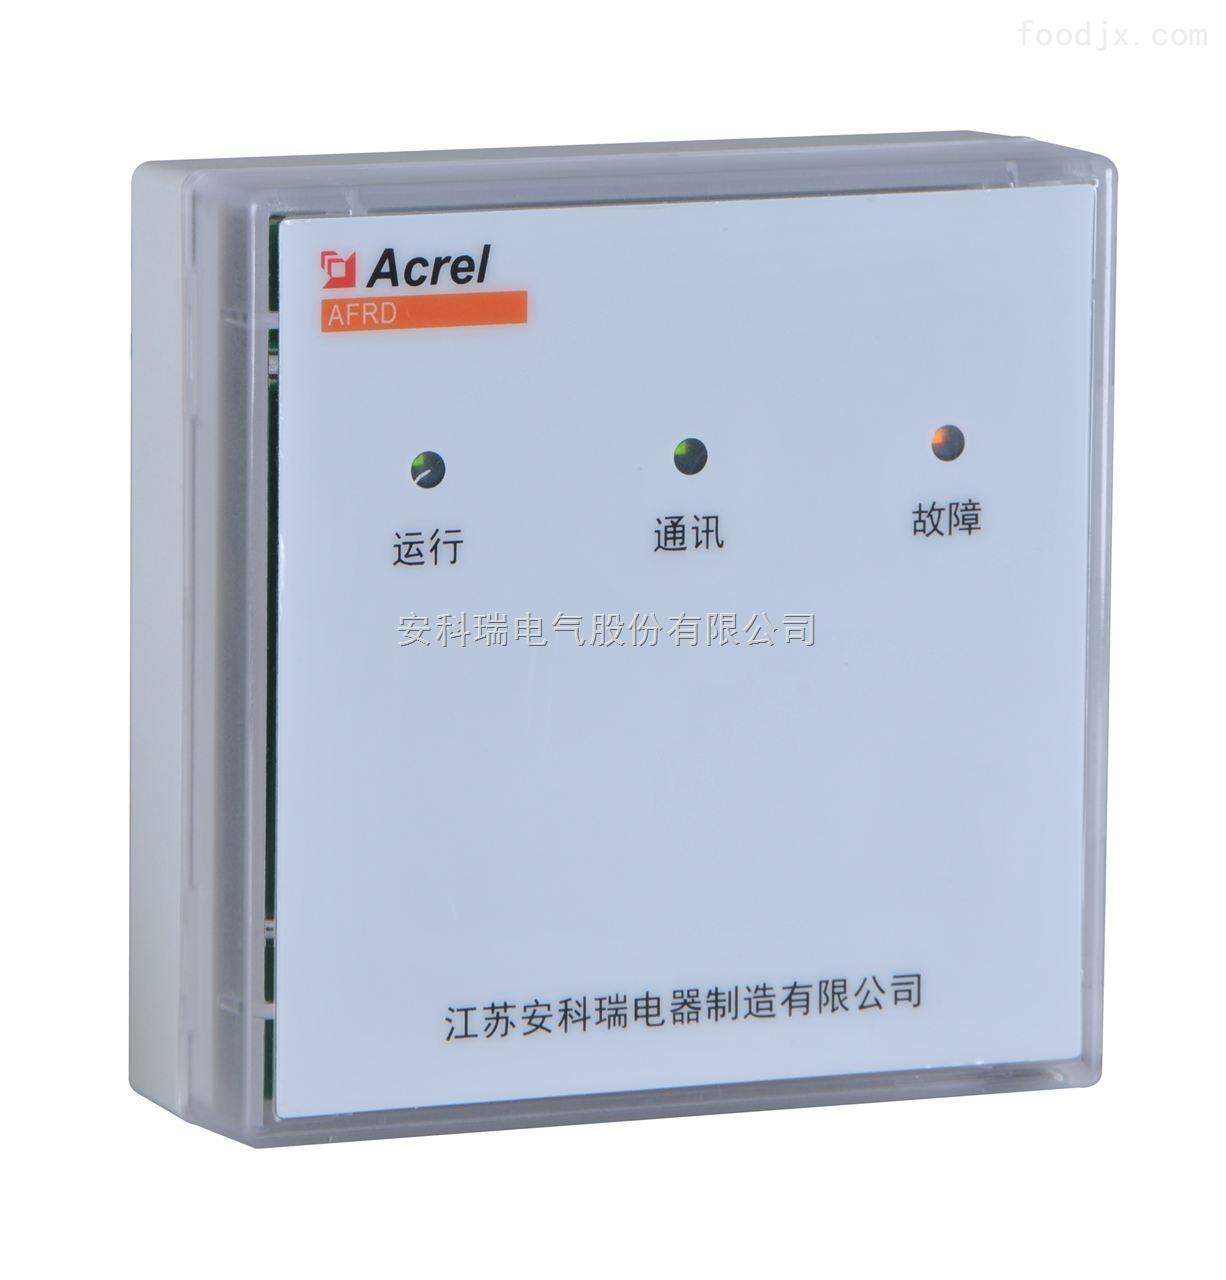 安科瑞电气 AFRD-CB1 防火门监控�?� 常闭Acrel 单扇